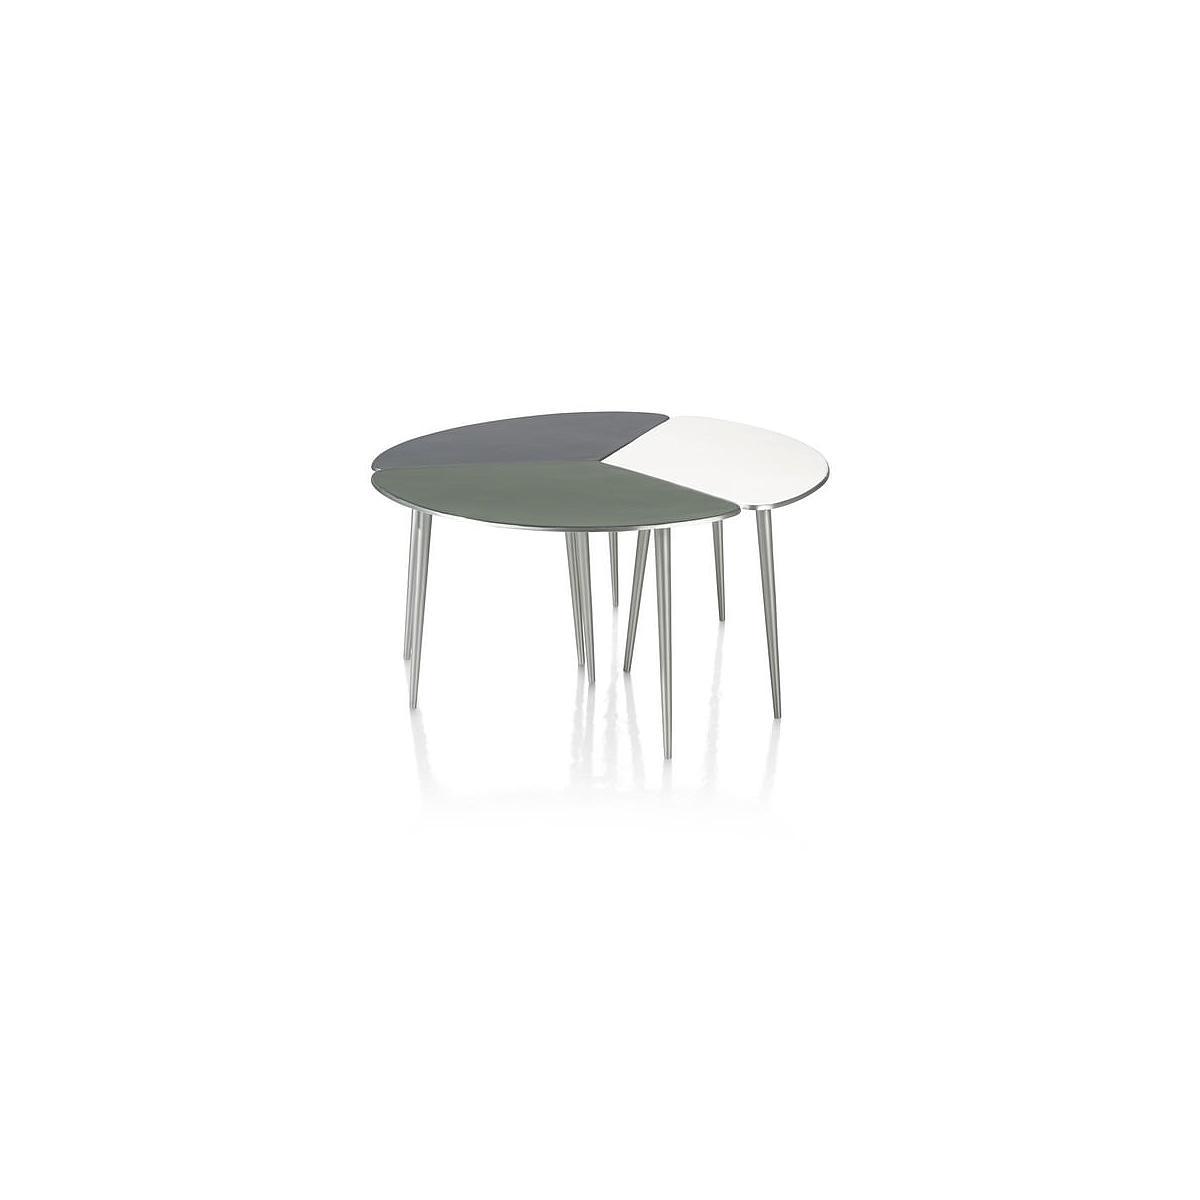 Table d'appoint DUBAI Coco Maison Set de 3 alluminium